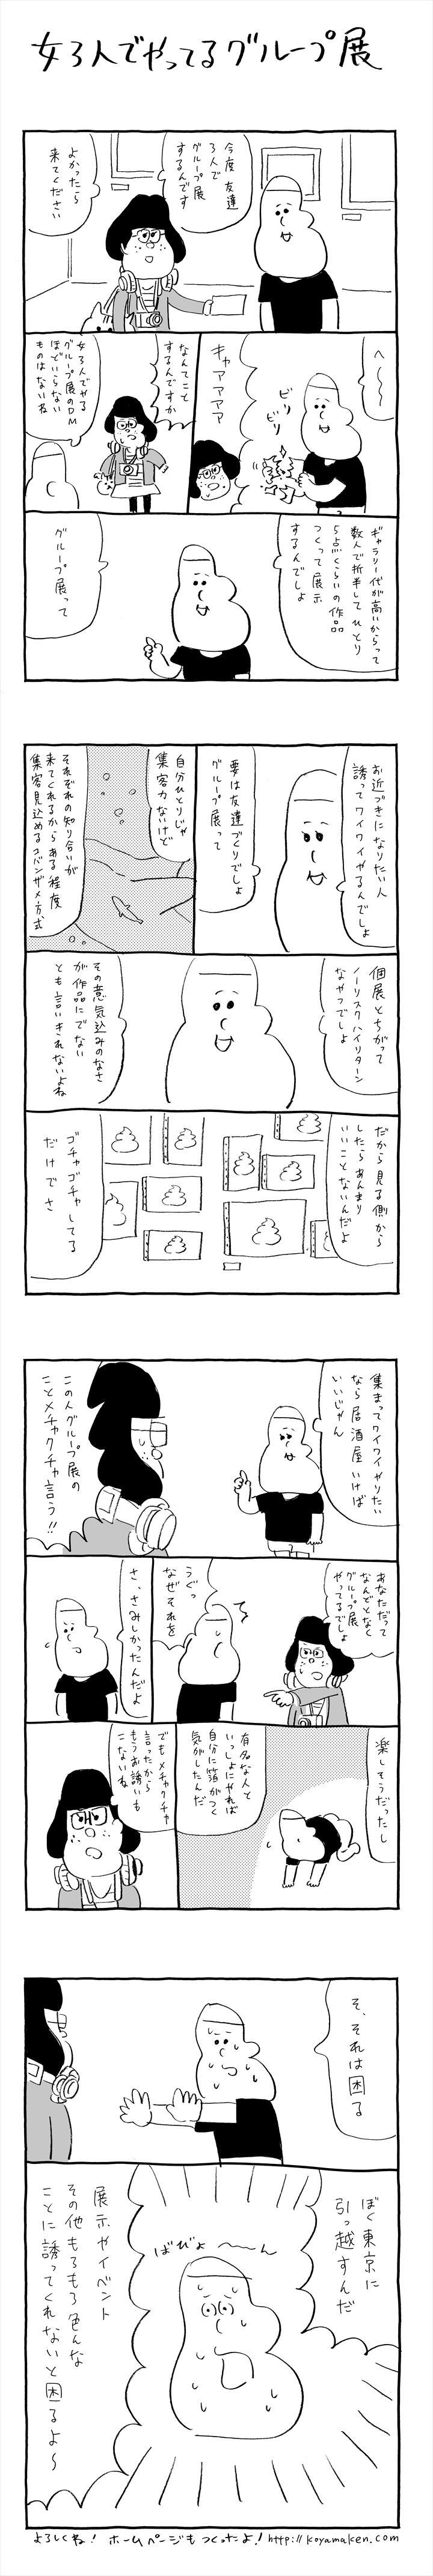 koyama17_R